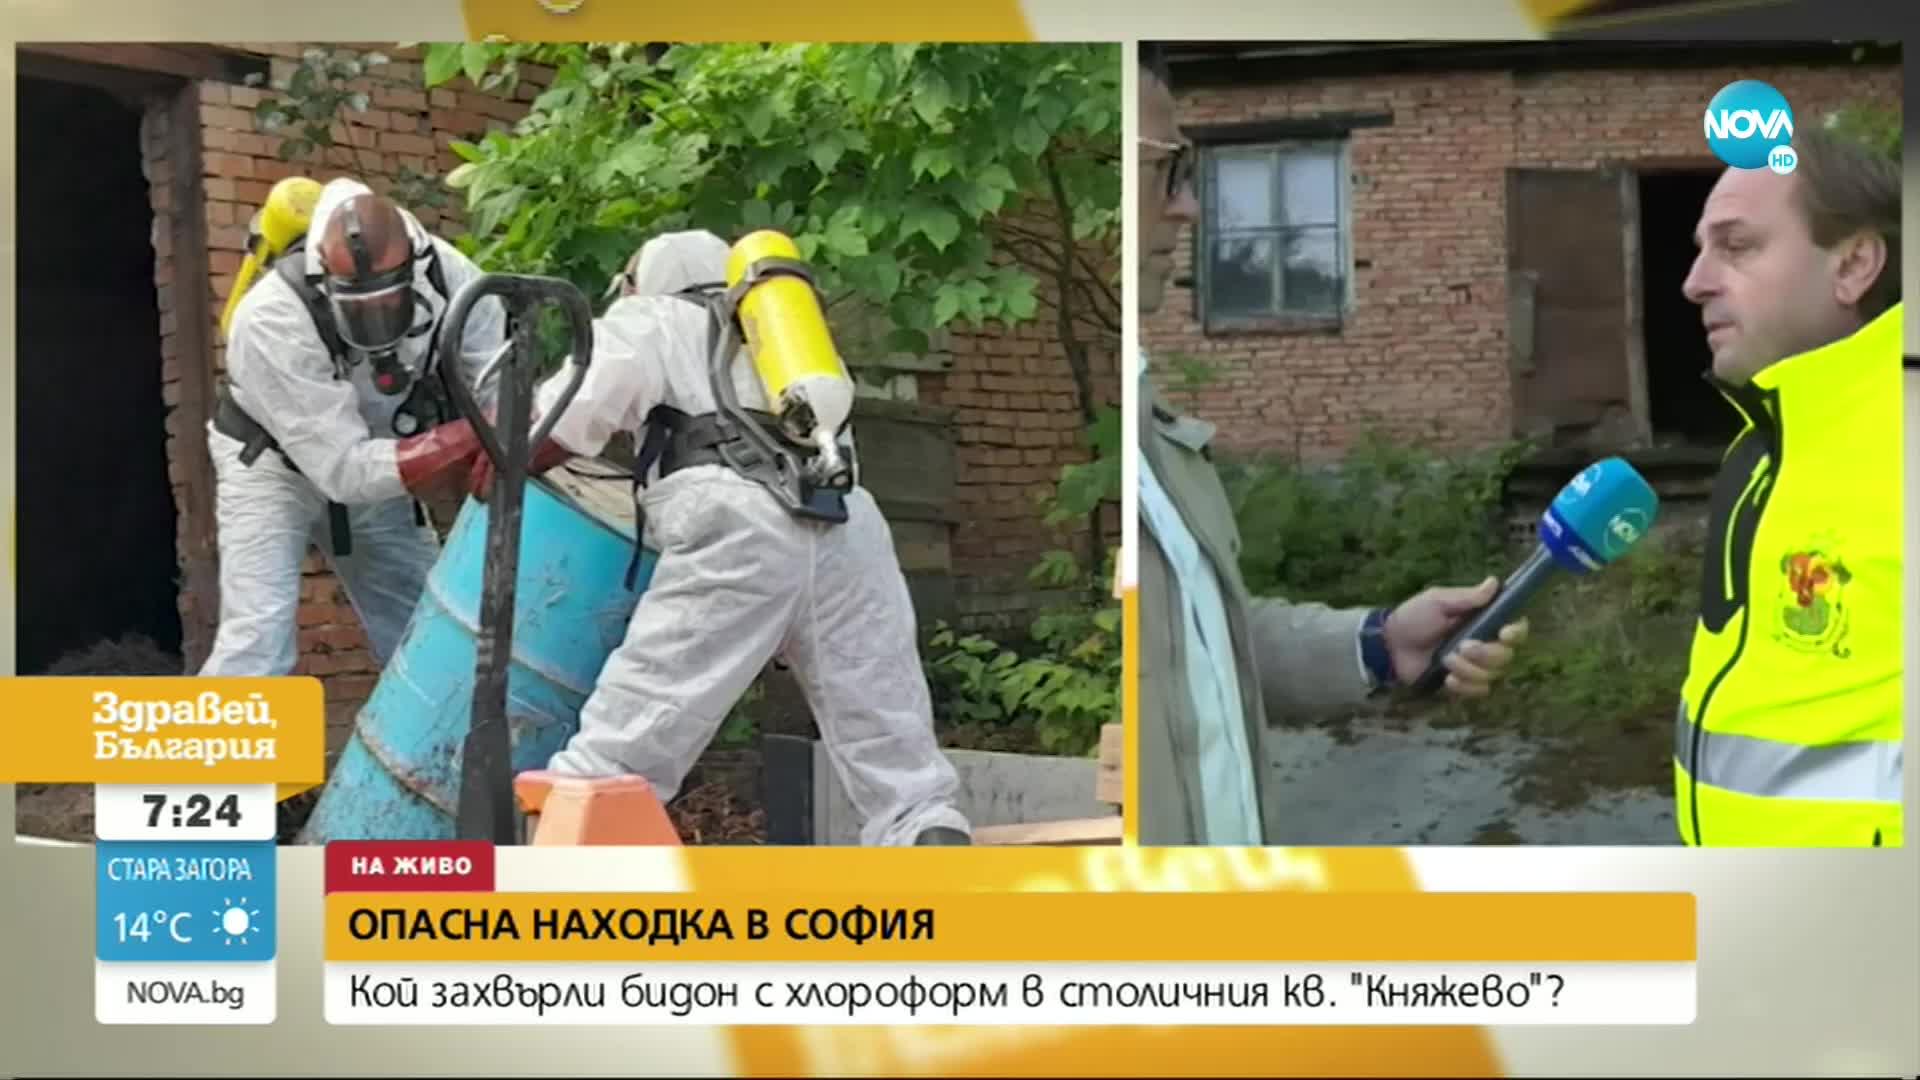 ОПАСНА НАХОДКА: Намериха хлороформ на оживено място в София